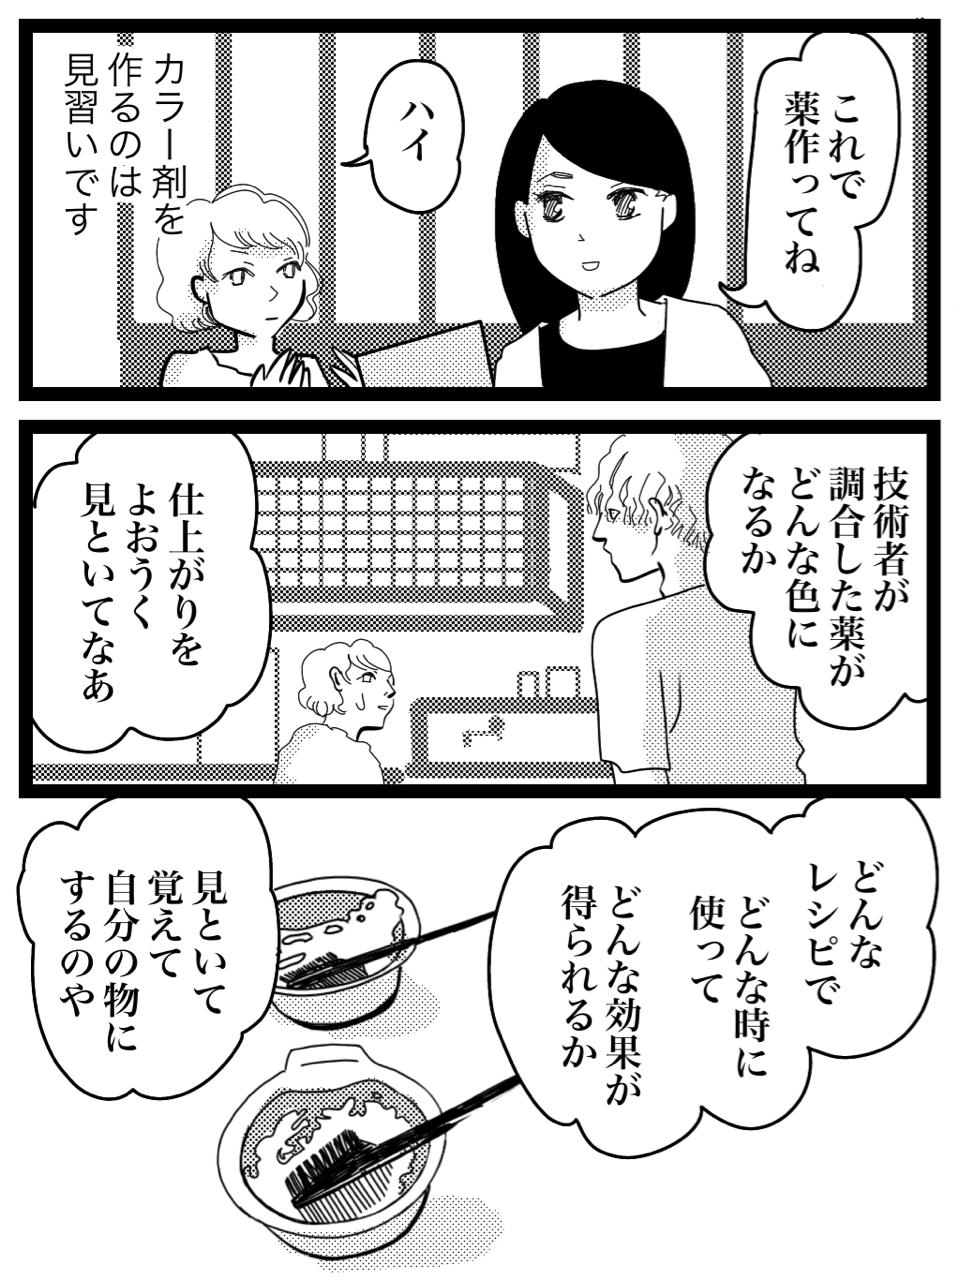 ホリー絵日記ライブドア